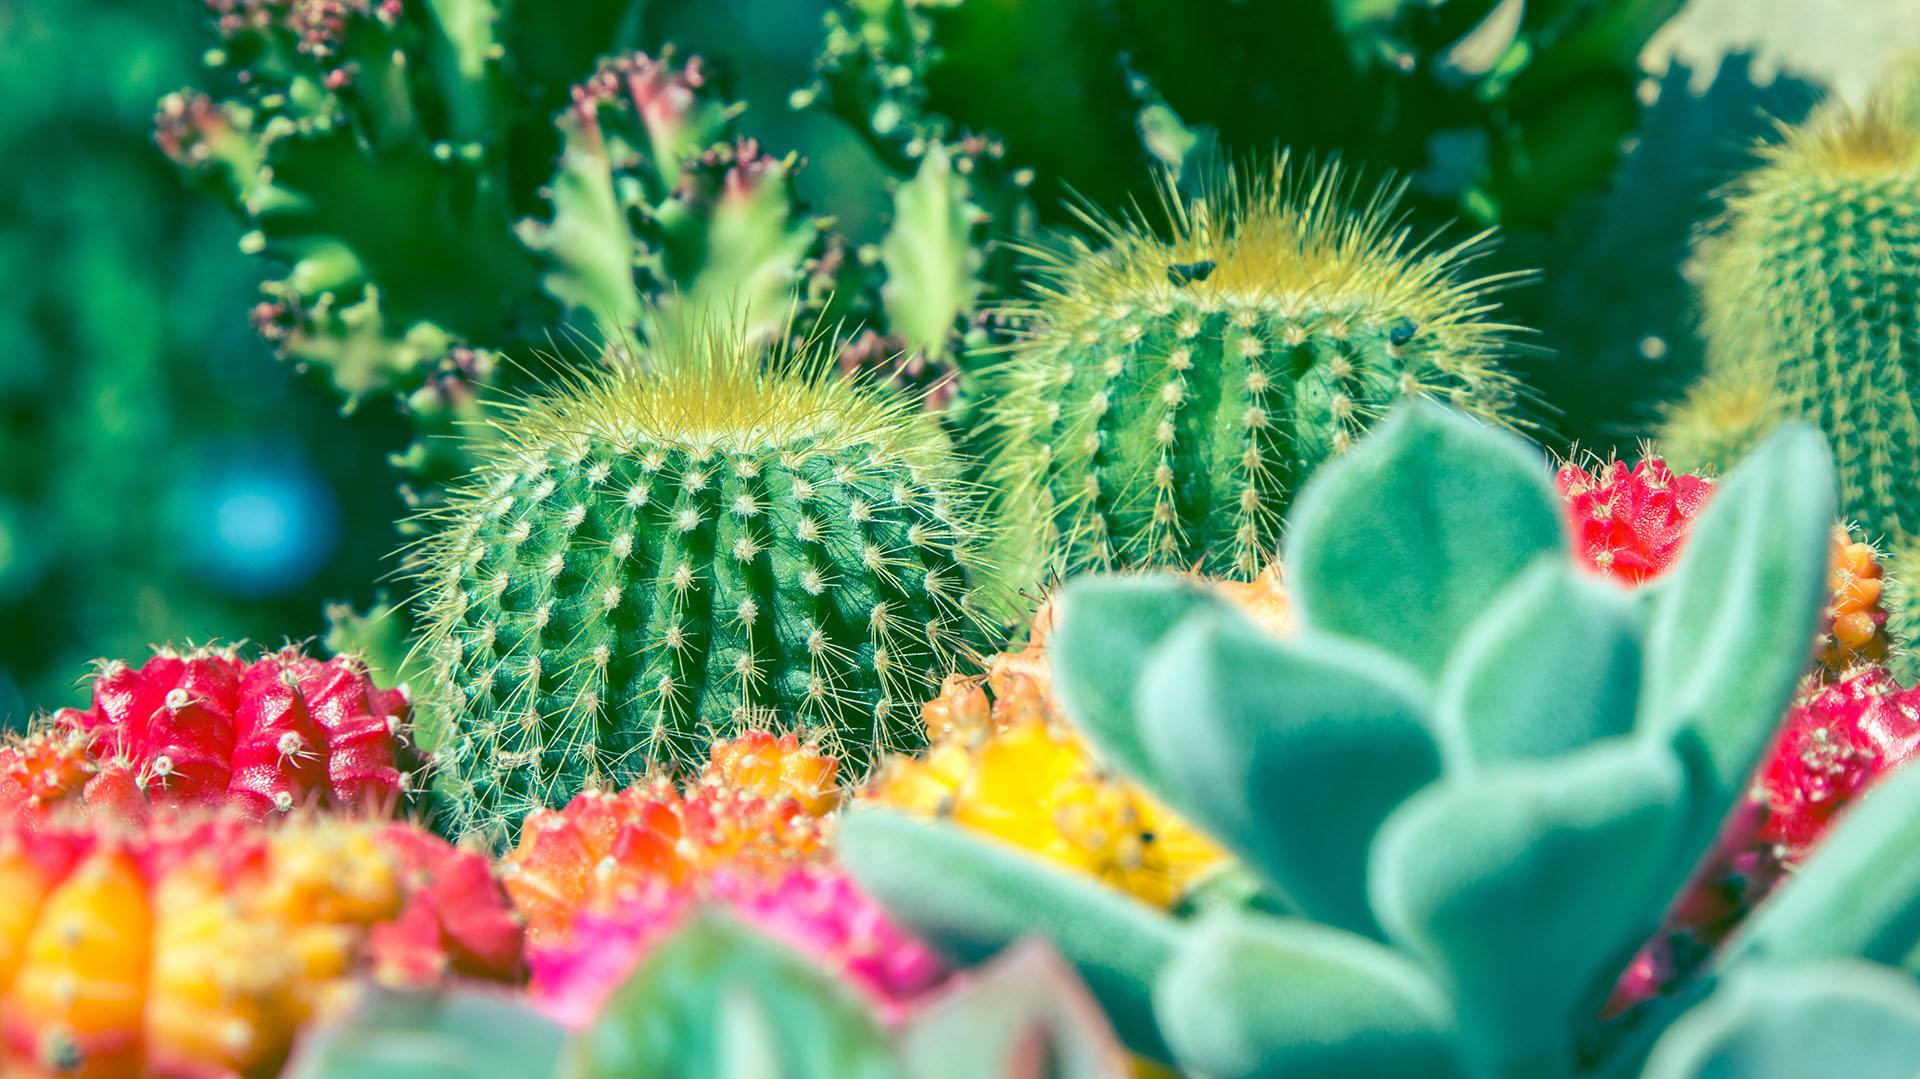 Para los hogares con niños se recomienda decorar con suculentas y no con cactus (istock)